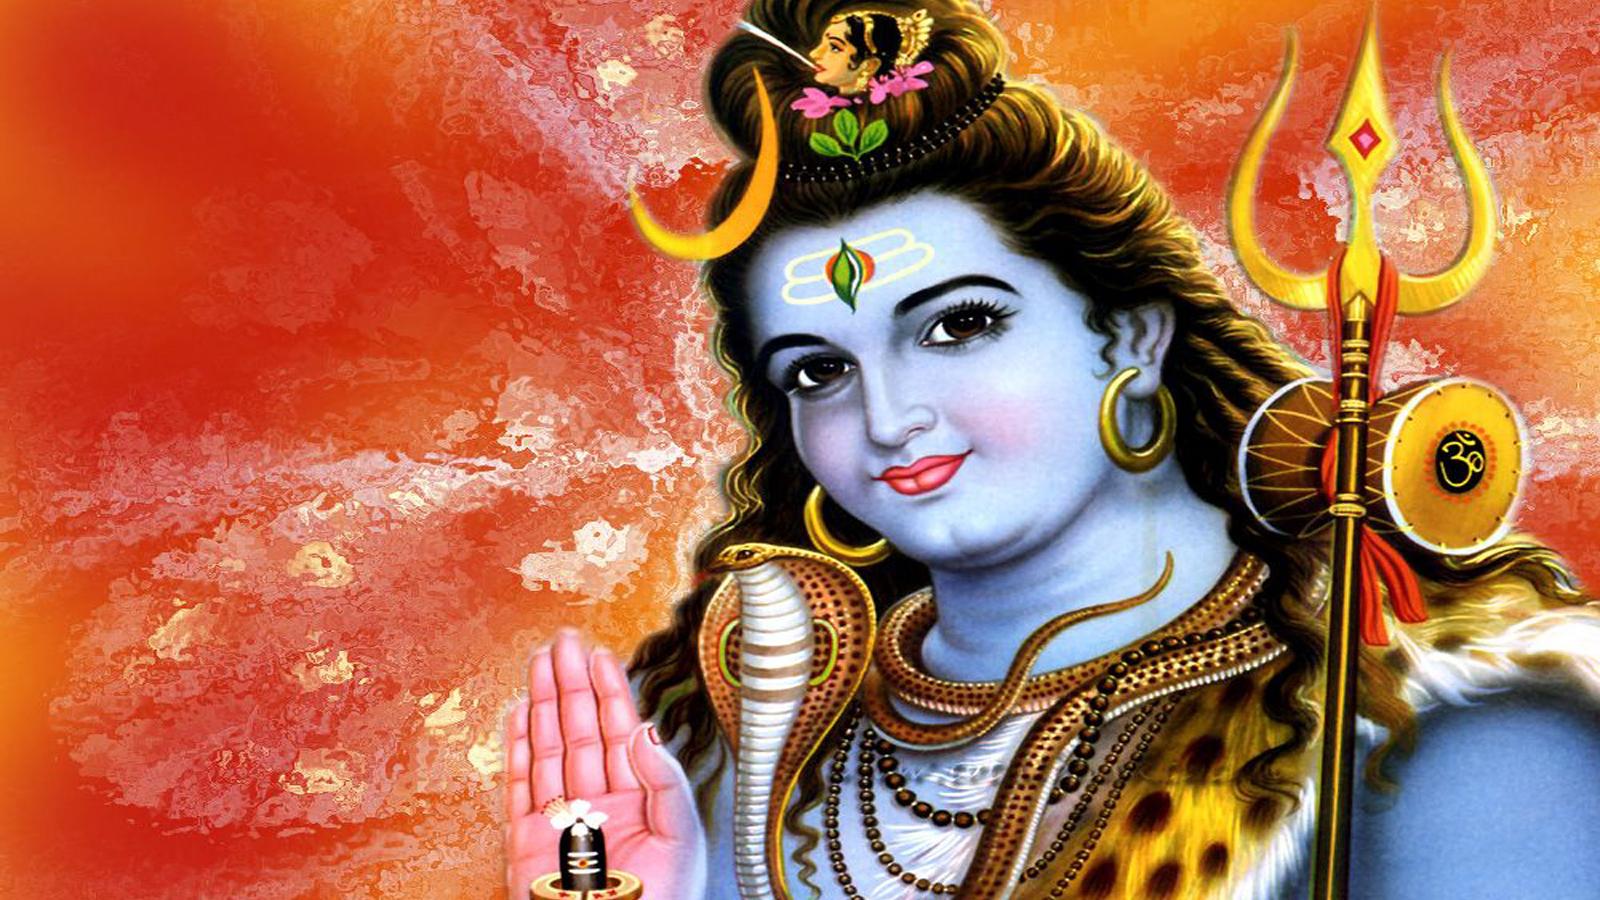 Wallpaper Gallery Lord Shiva Wallpaper